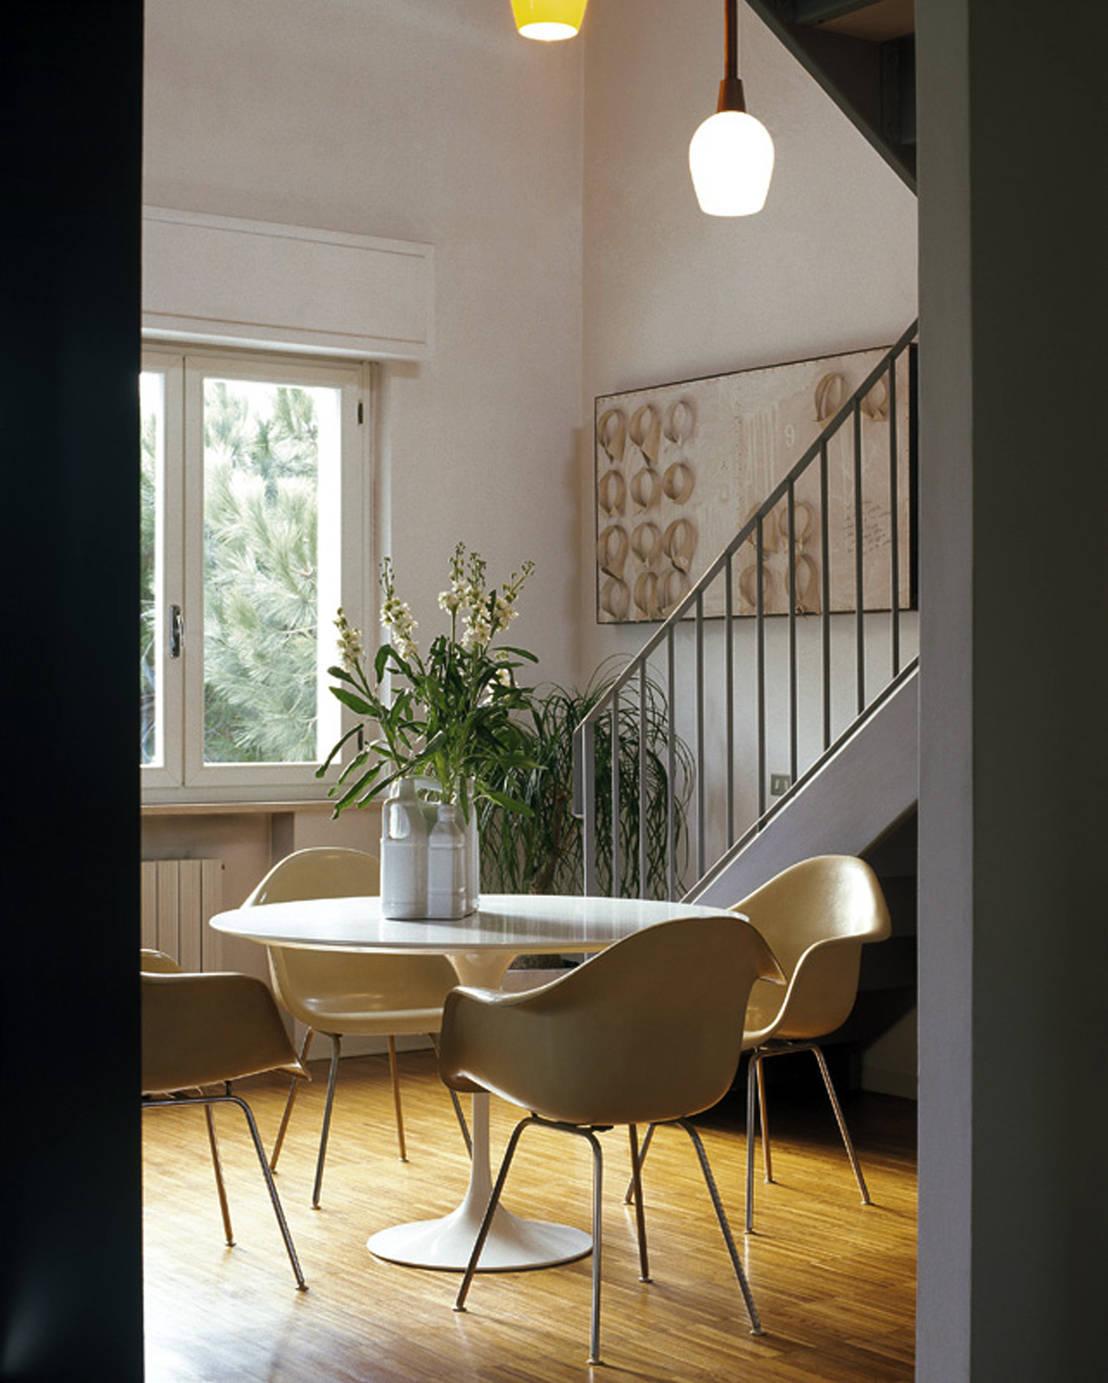 Una casa vintage come arredare con mobili in stile retr for Come finanziare una casa